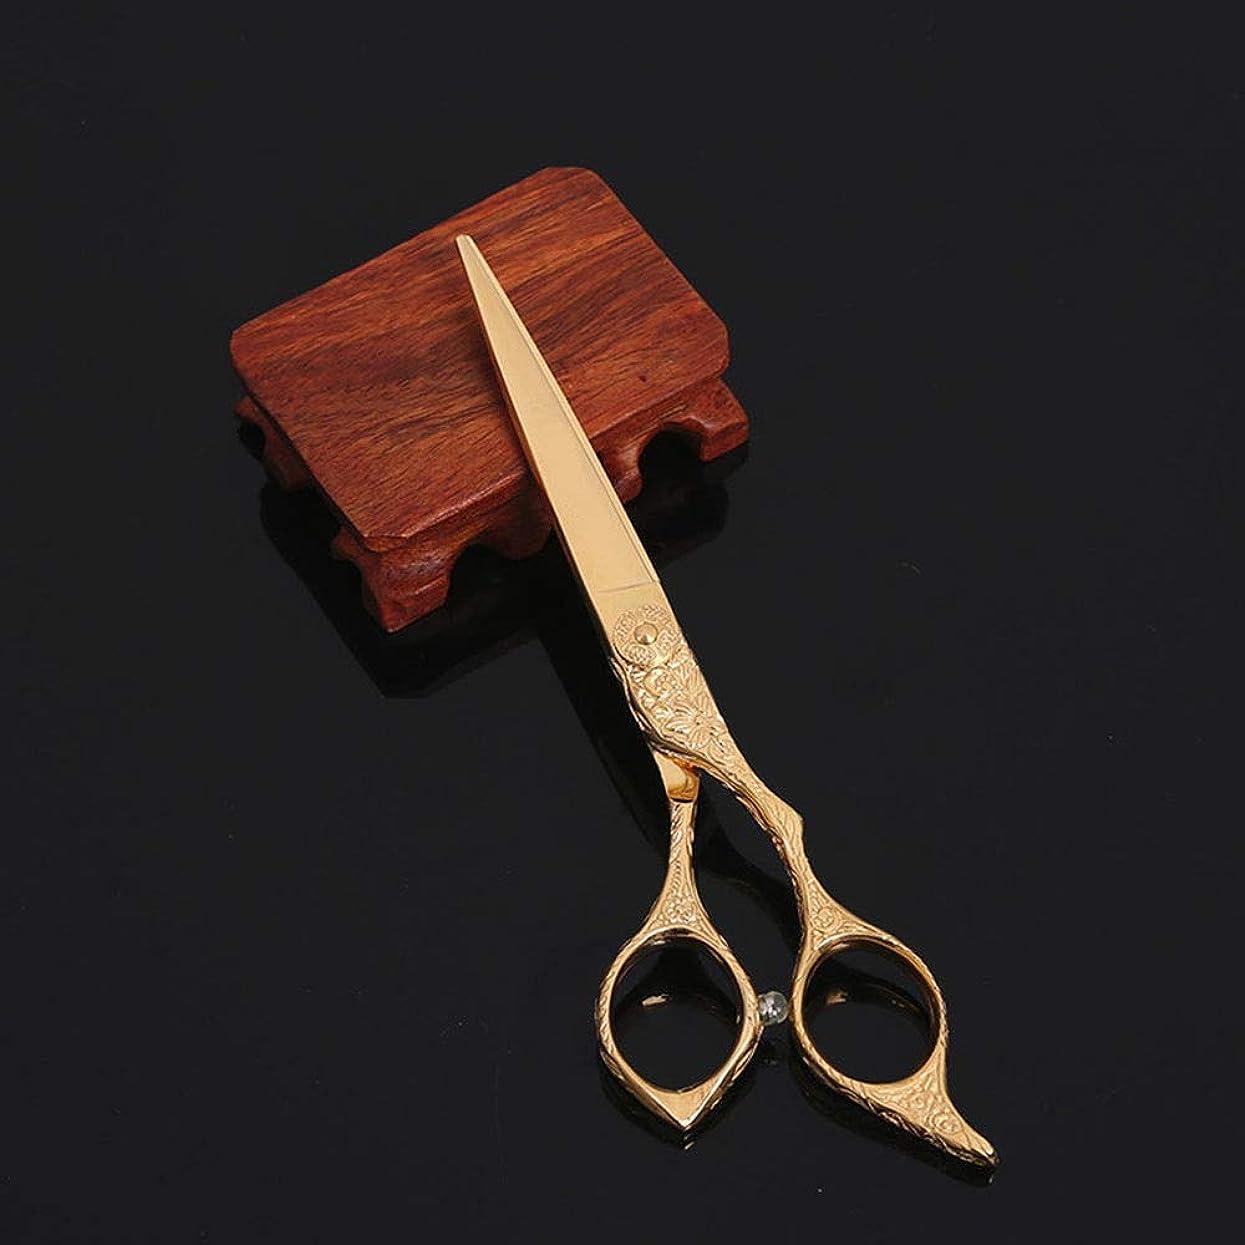 ギャンブル塗抹常に理髪用はさみ 6インチゴールド塗装ハイエンド理髪はさみ、プロの美容院はさみヘアカットはさみステンレス理髪はさみ (色 : ゴールド)